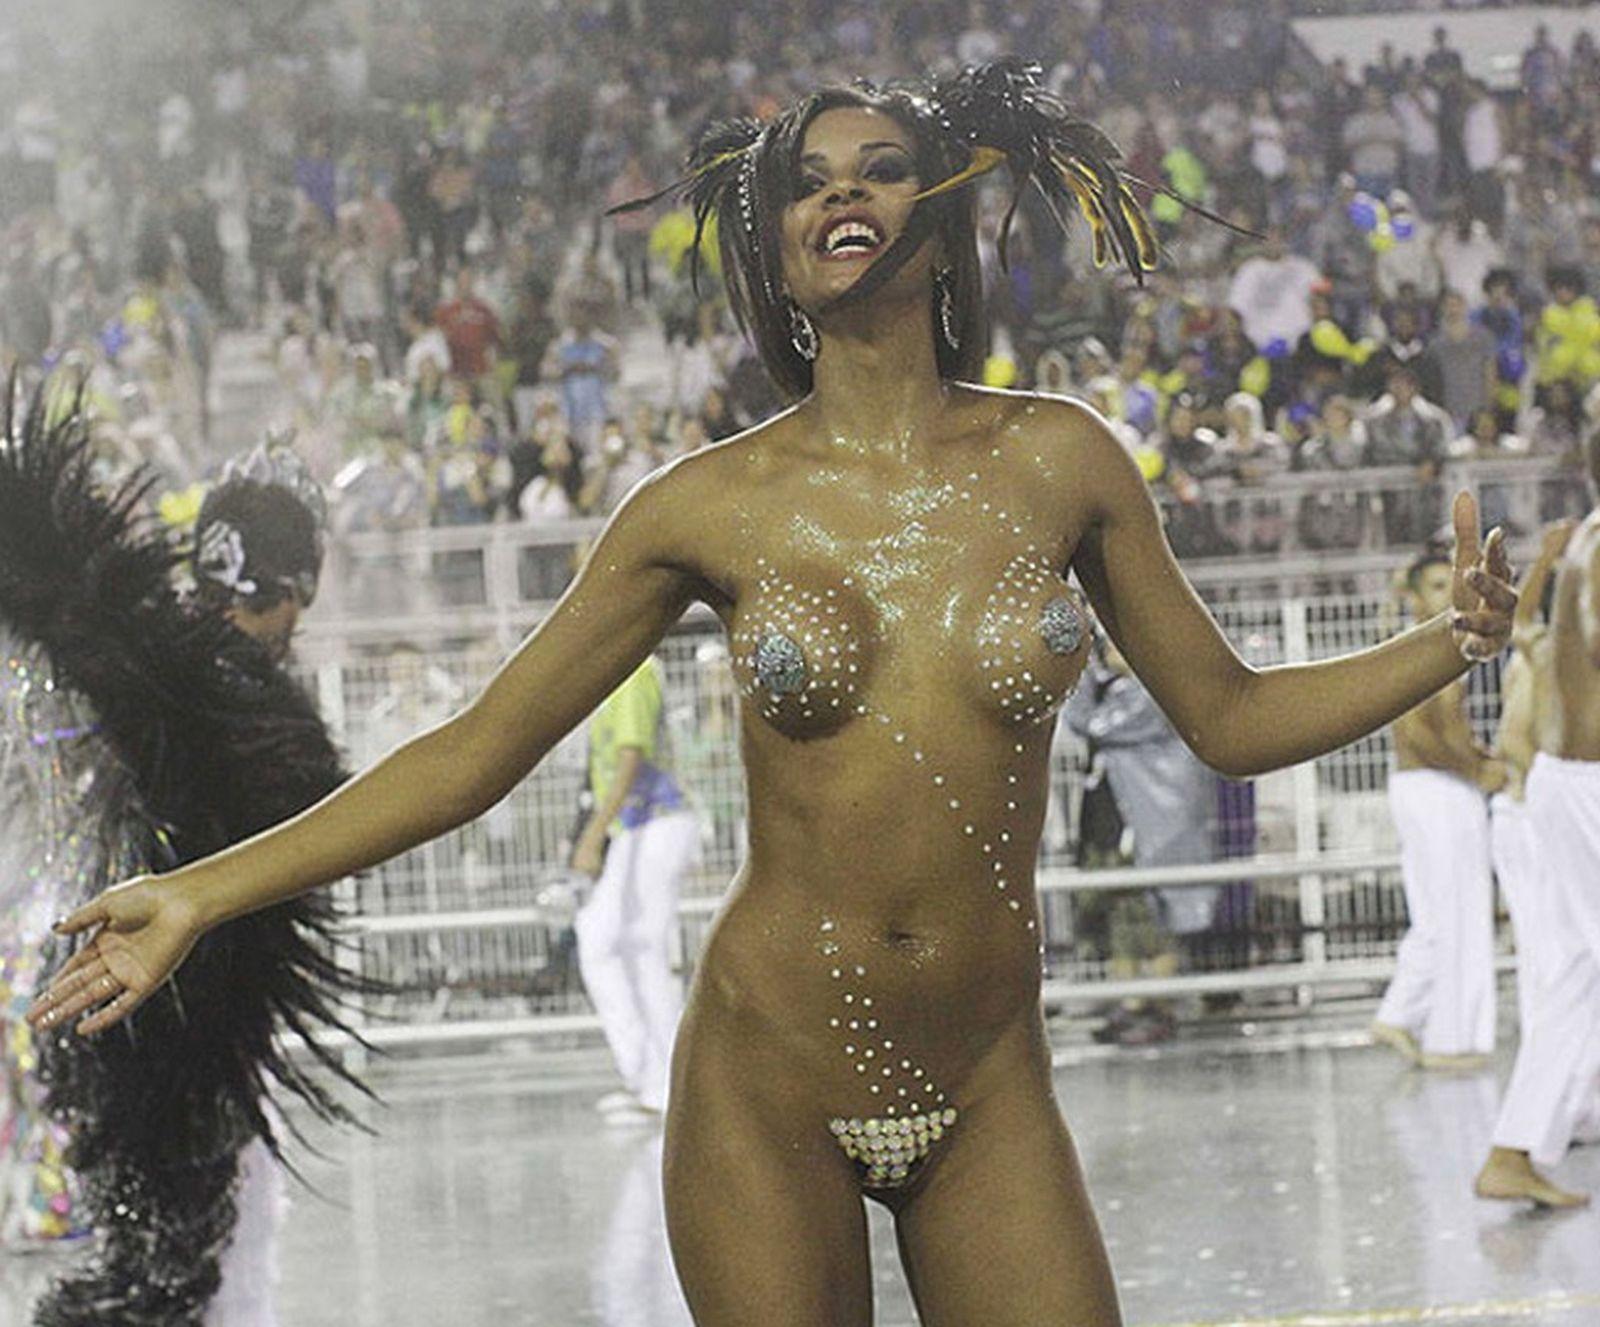 Порно карнавал в рио де жанейро смотреть онлайн видео, смотреть видео стало плохо после секса